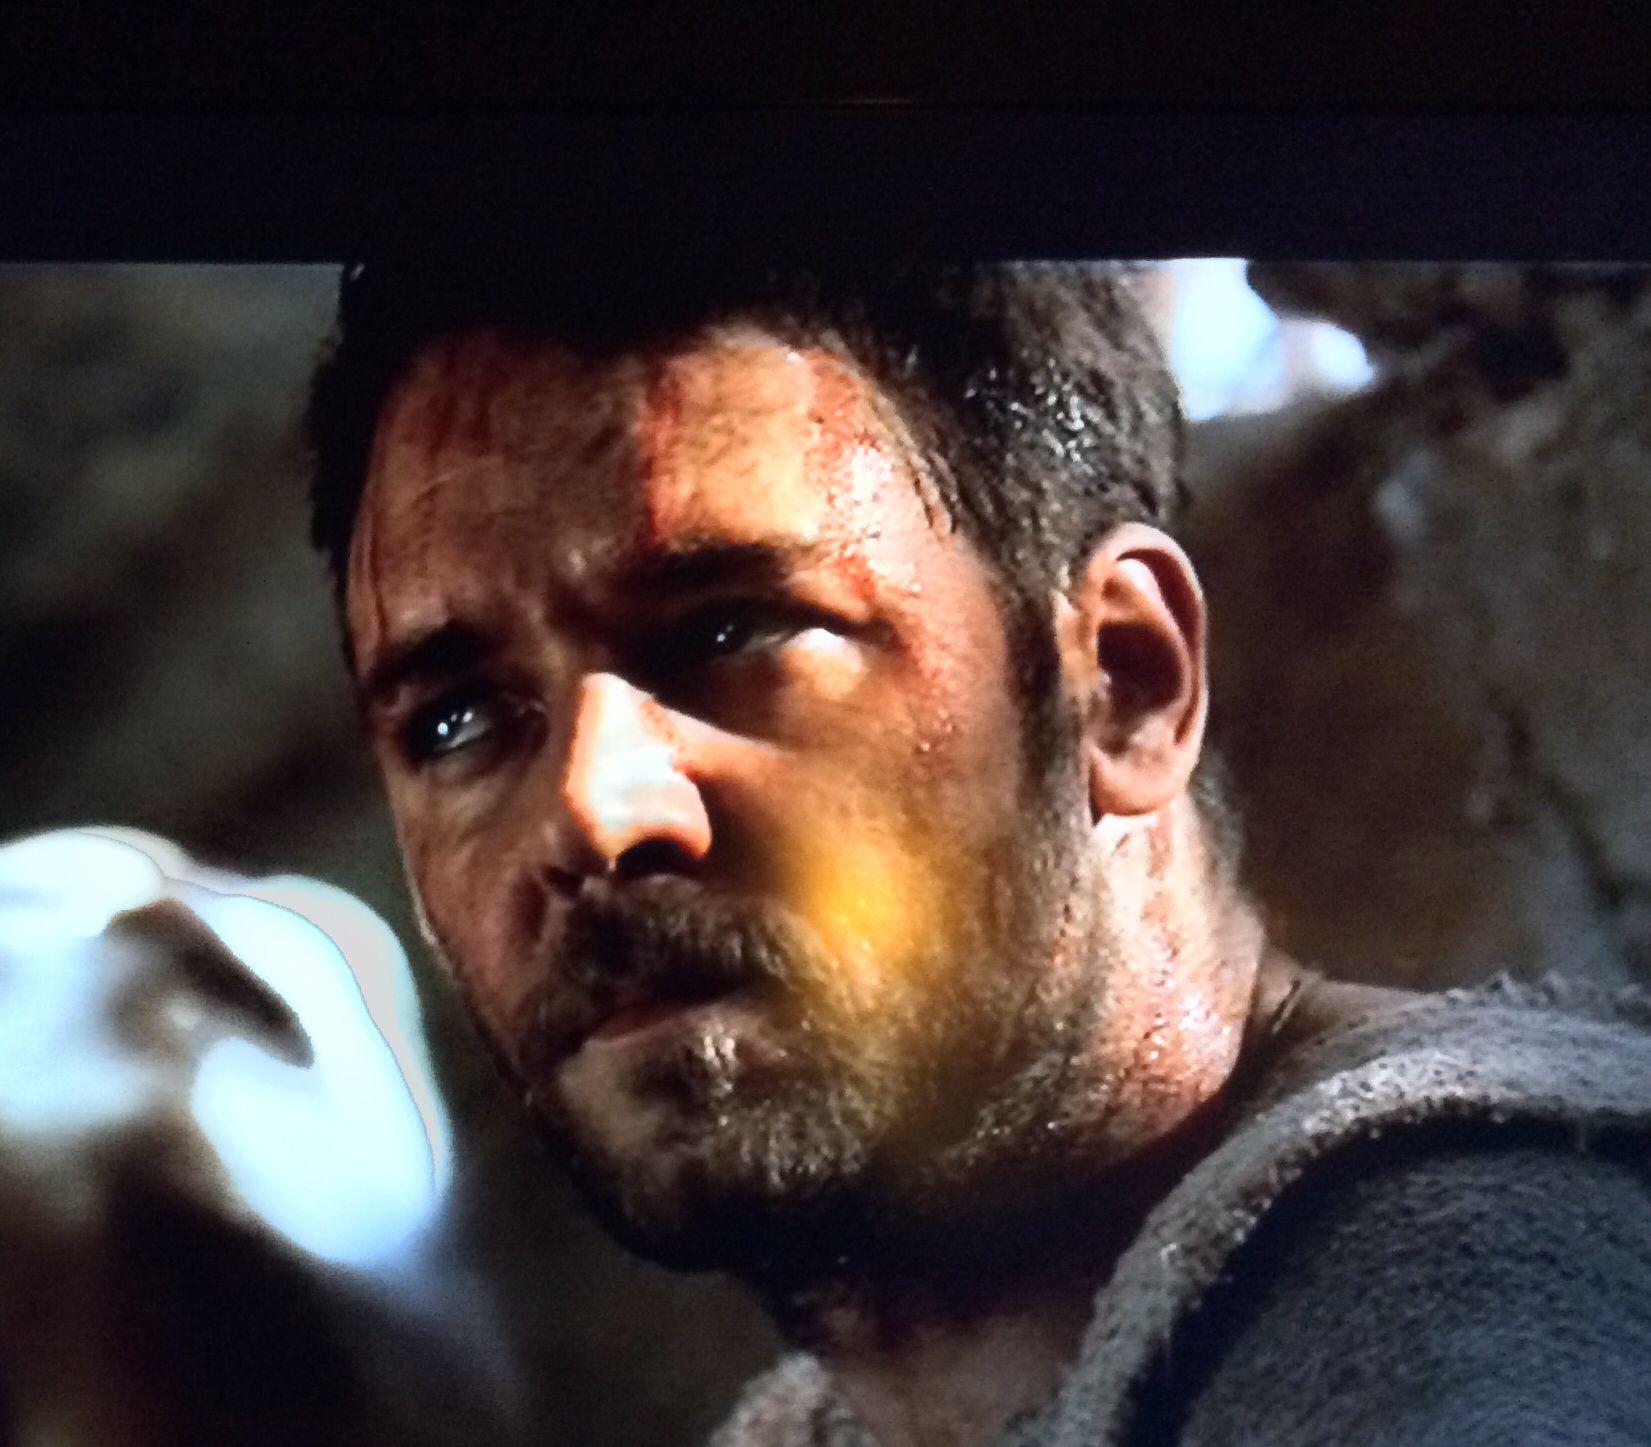 Il Gladiatore Gladiatori Attore Film